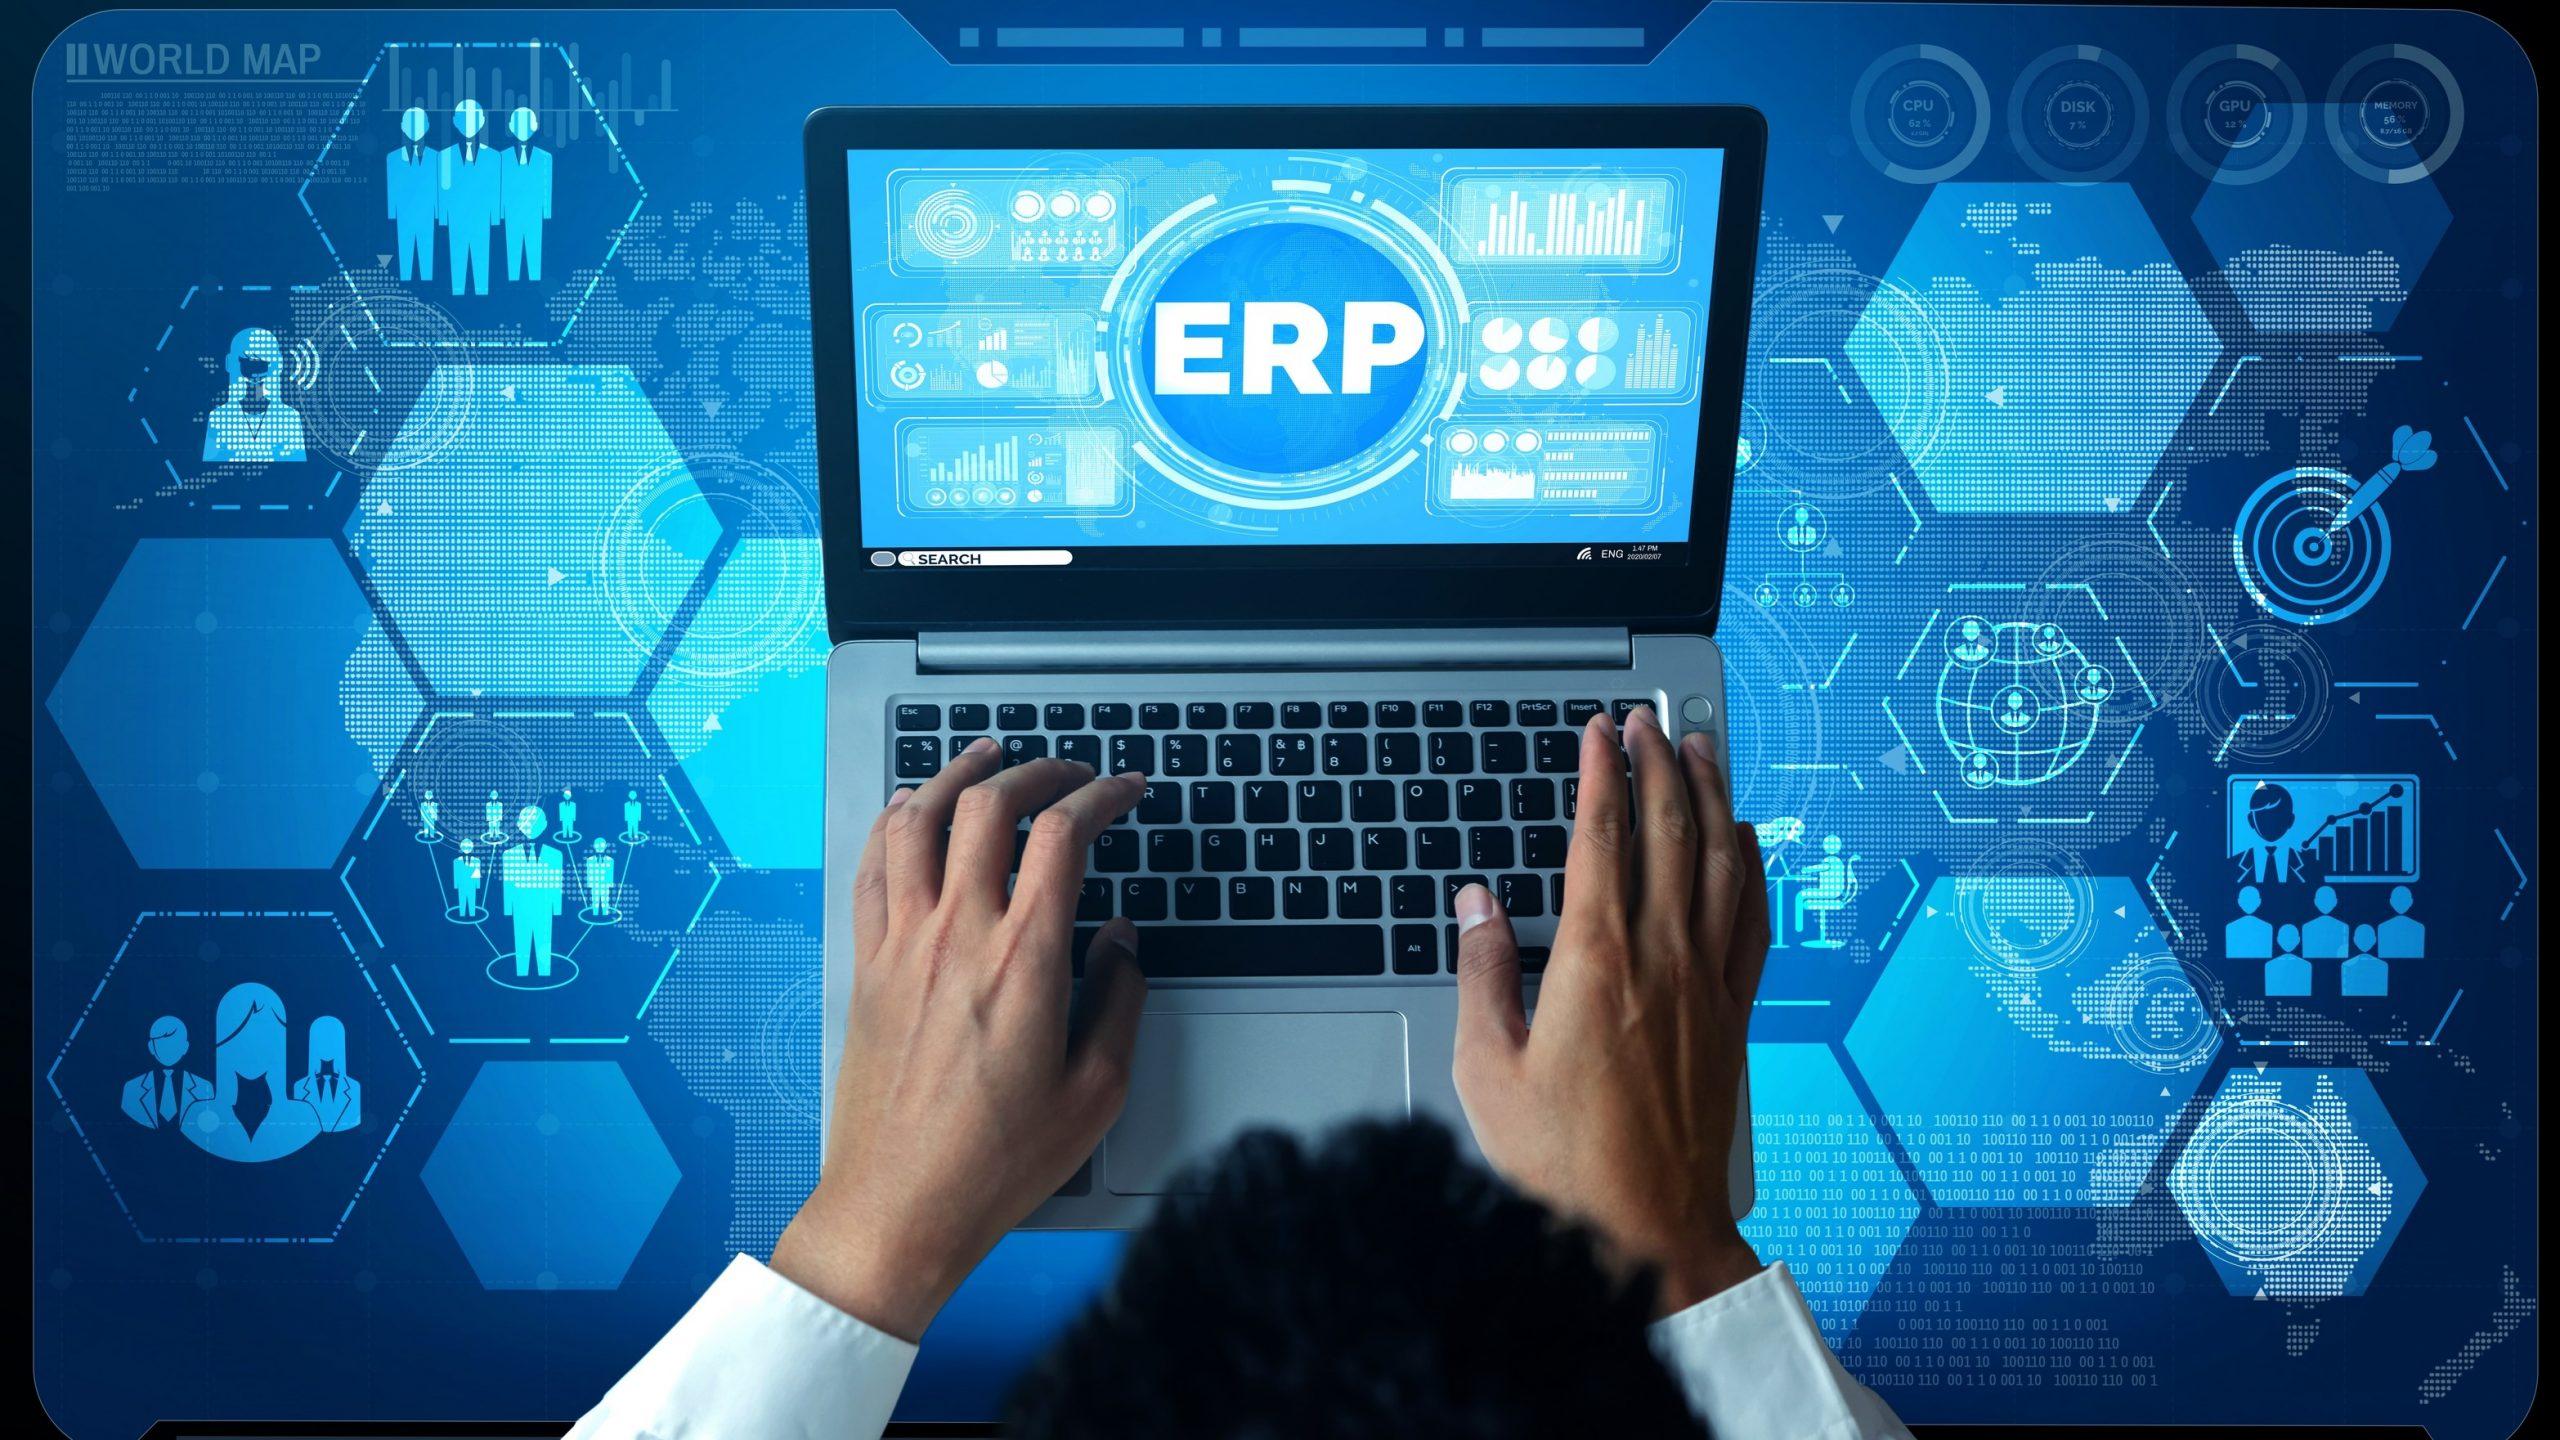 Chi phí triển khai phần mềm ERP phần lớn được quyết định bởi đơn vị cung cấp